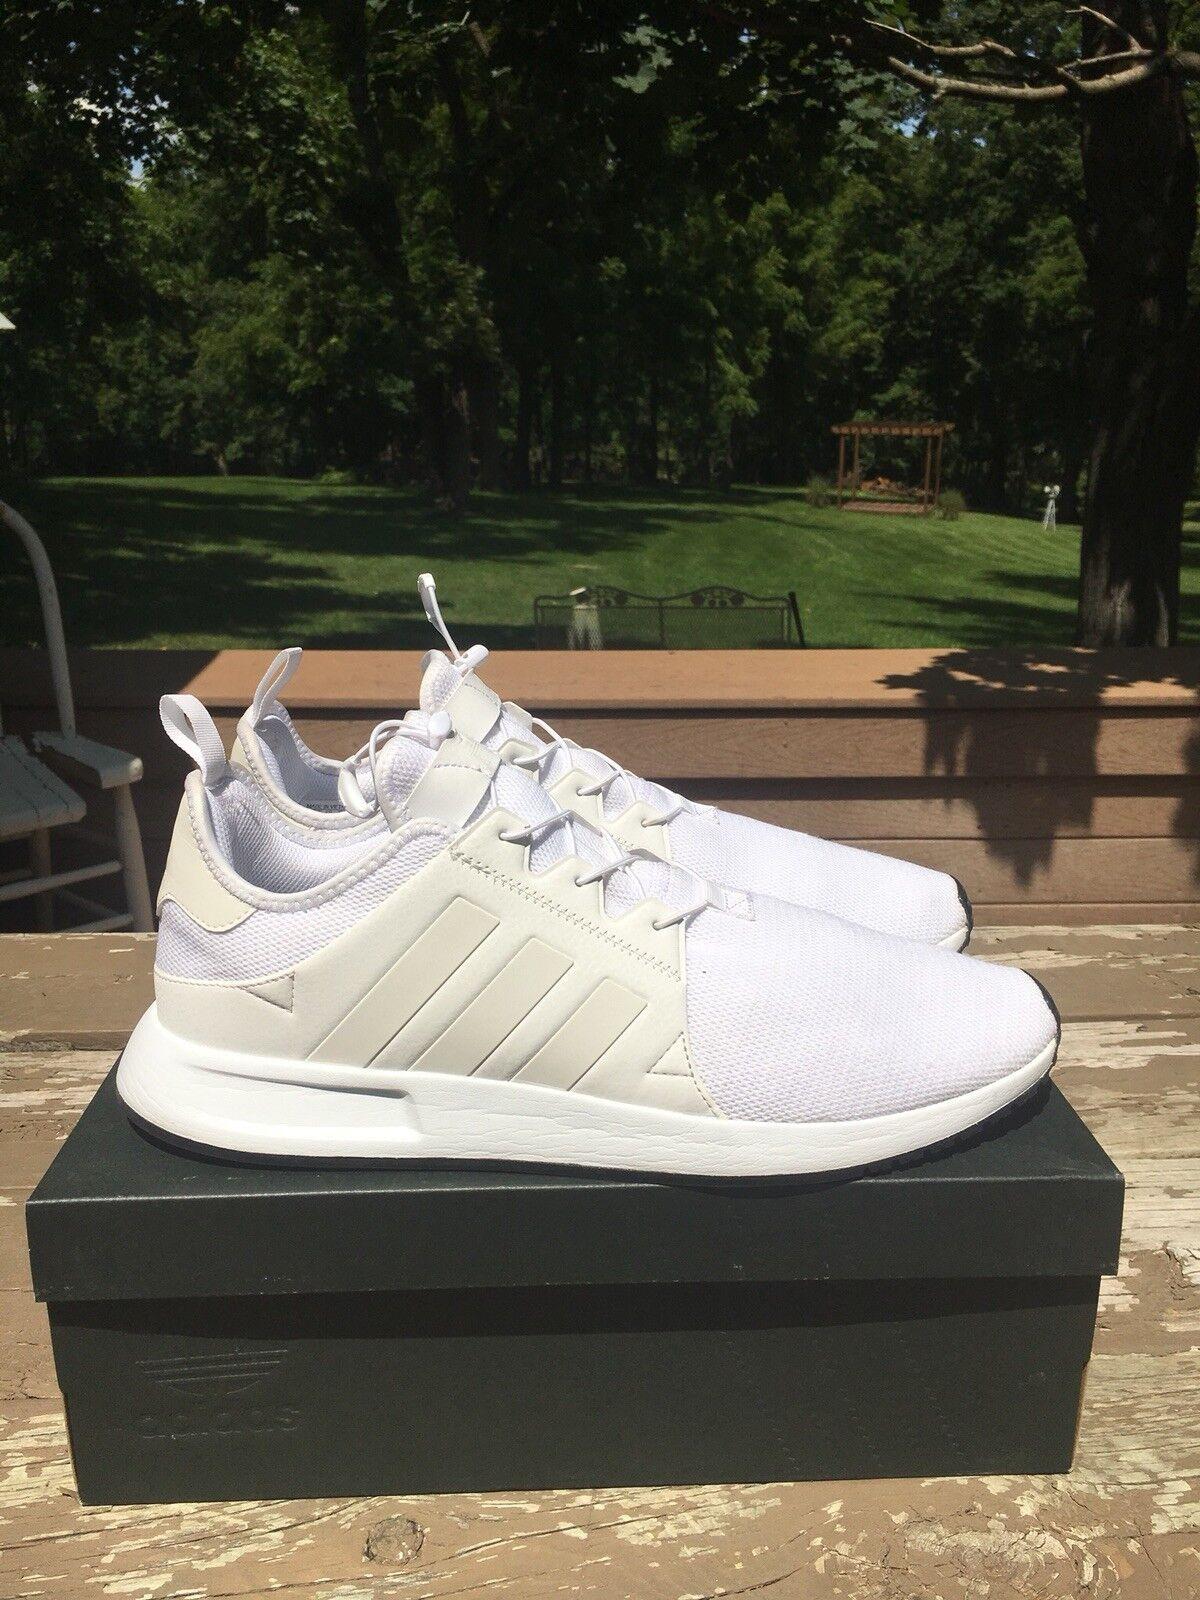 Adidas XPLR Trainers Mens 13 Running shoes Originals Pharrell Human Race EUC